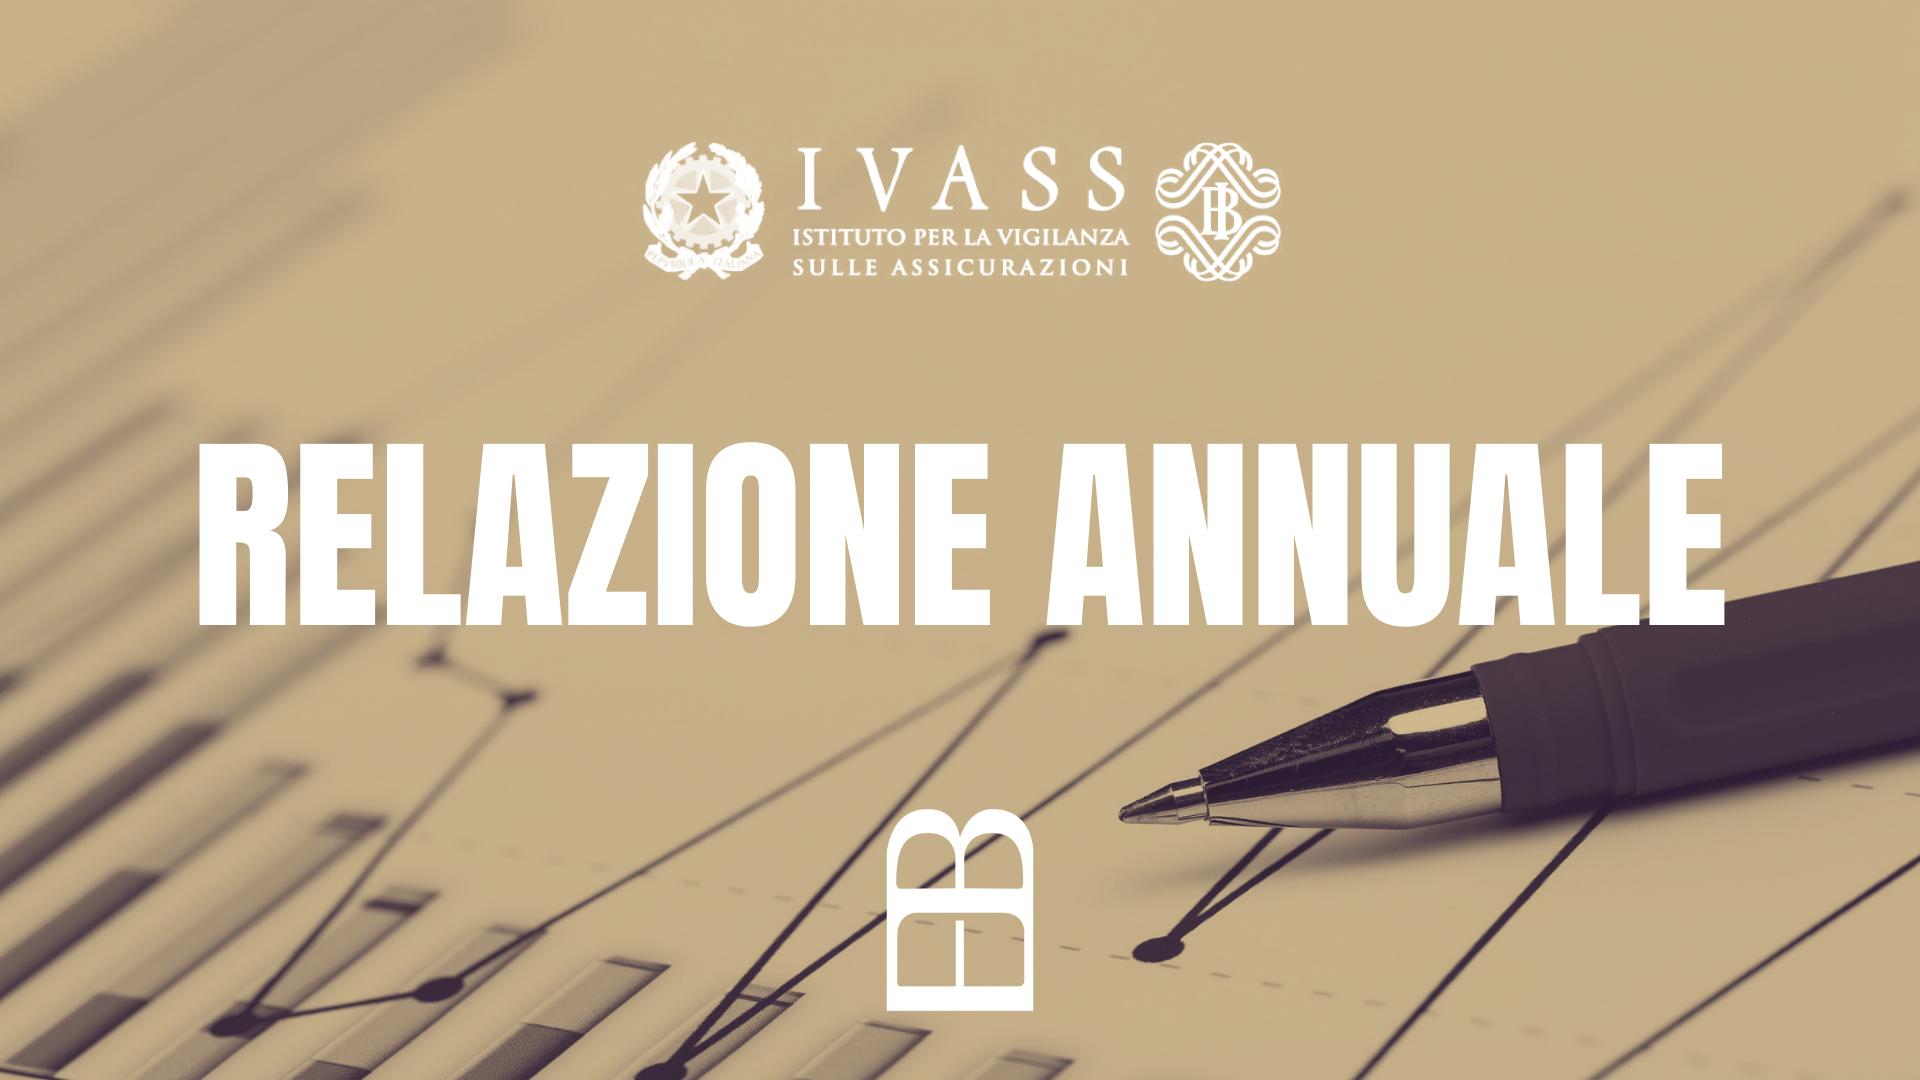 ivass report 2020